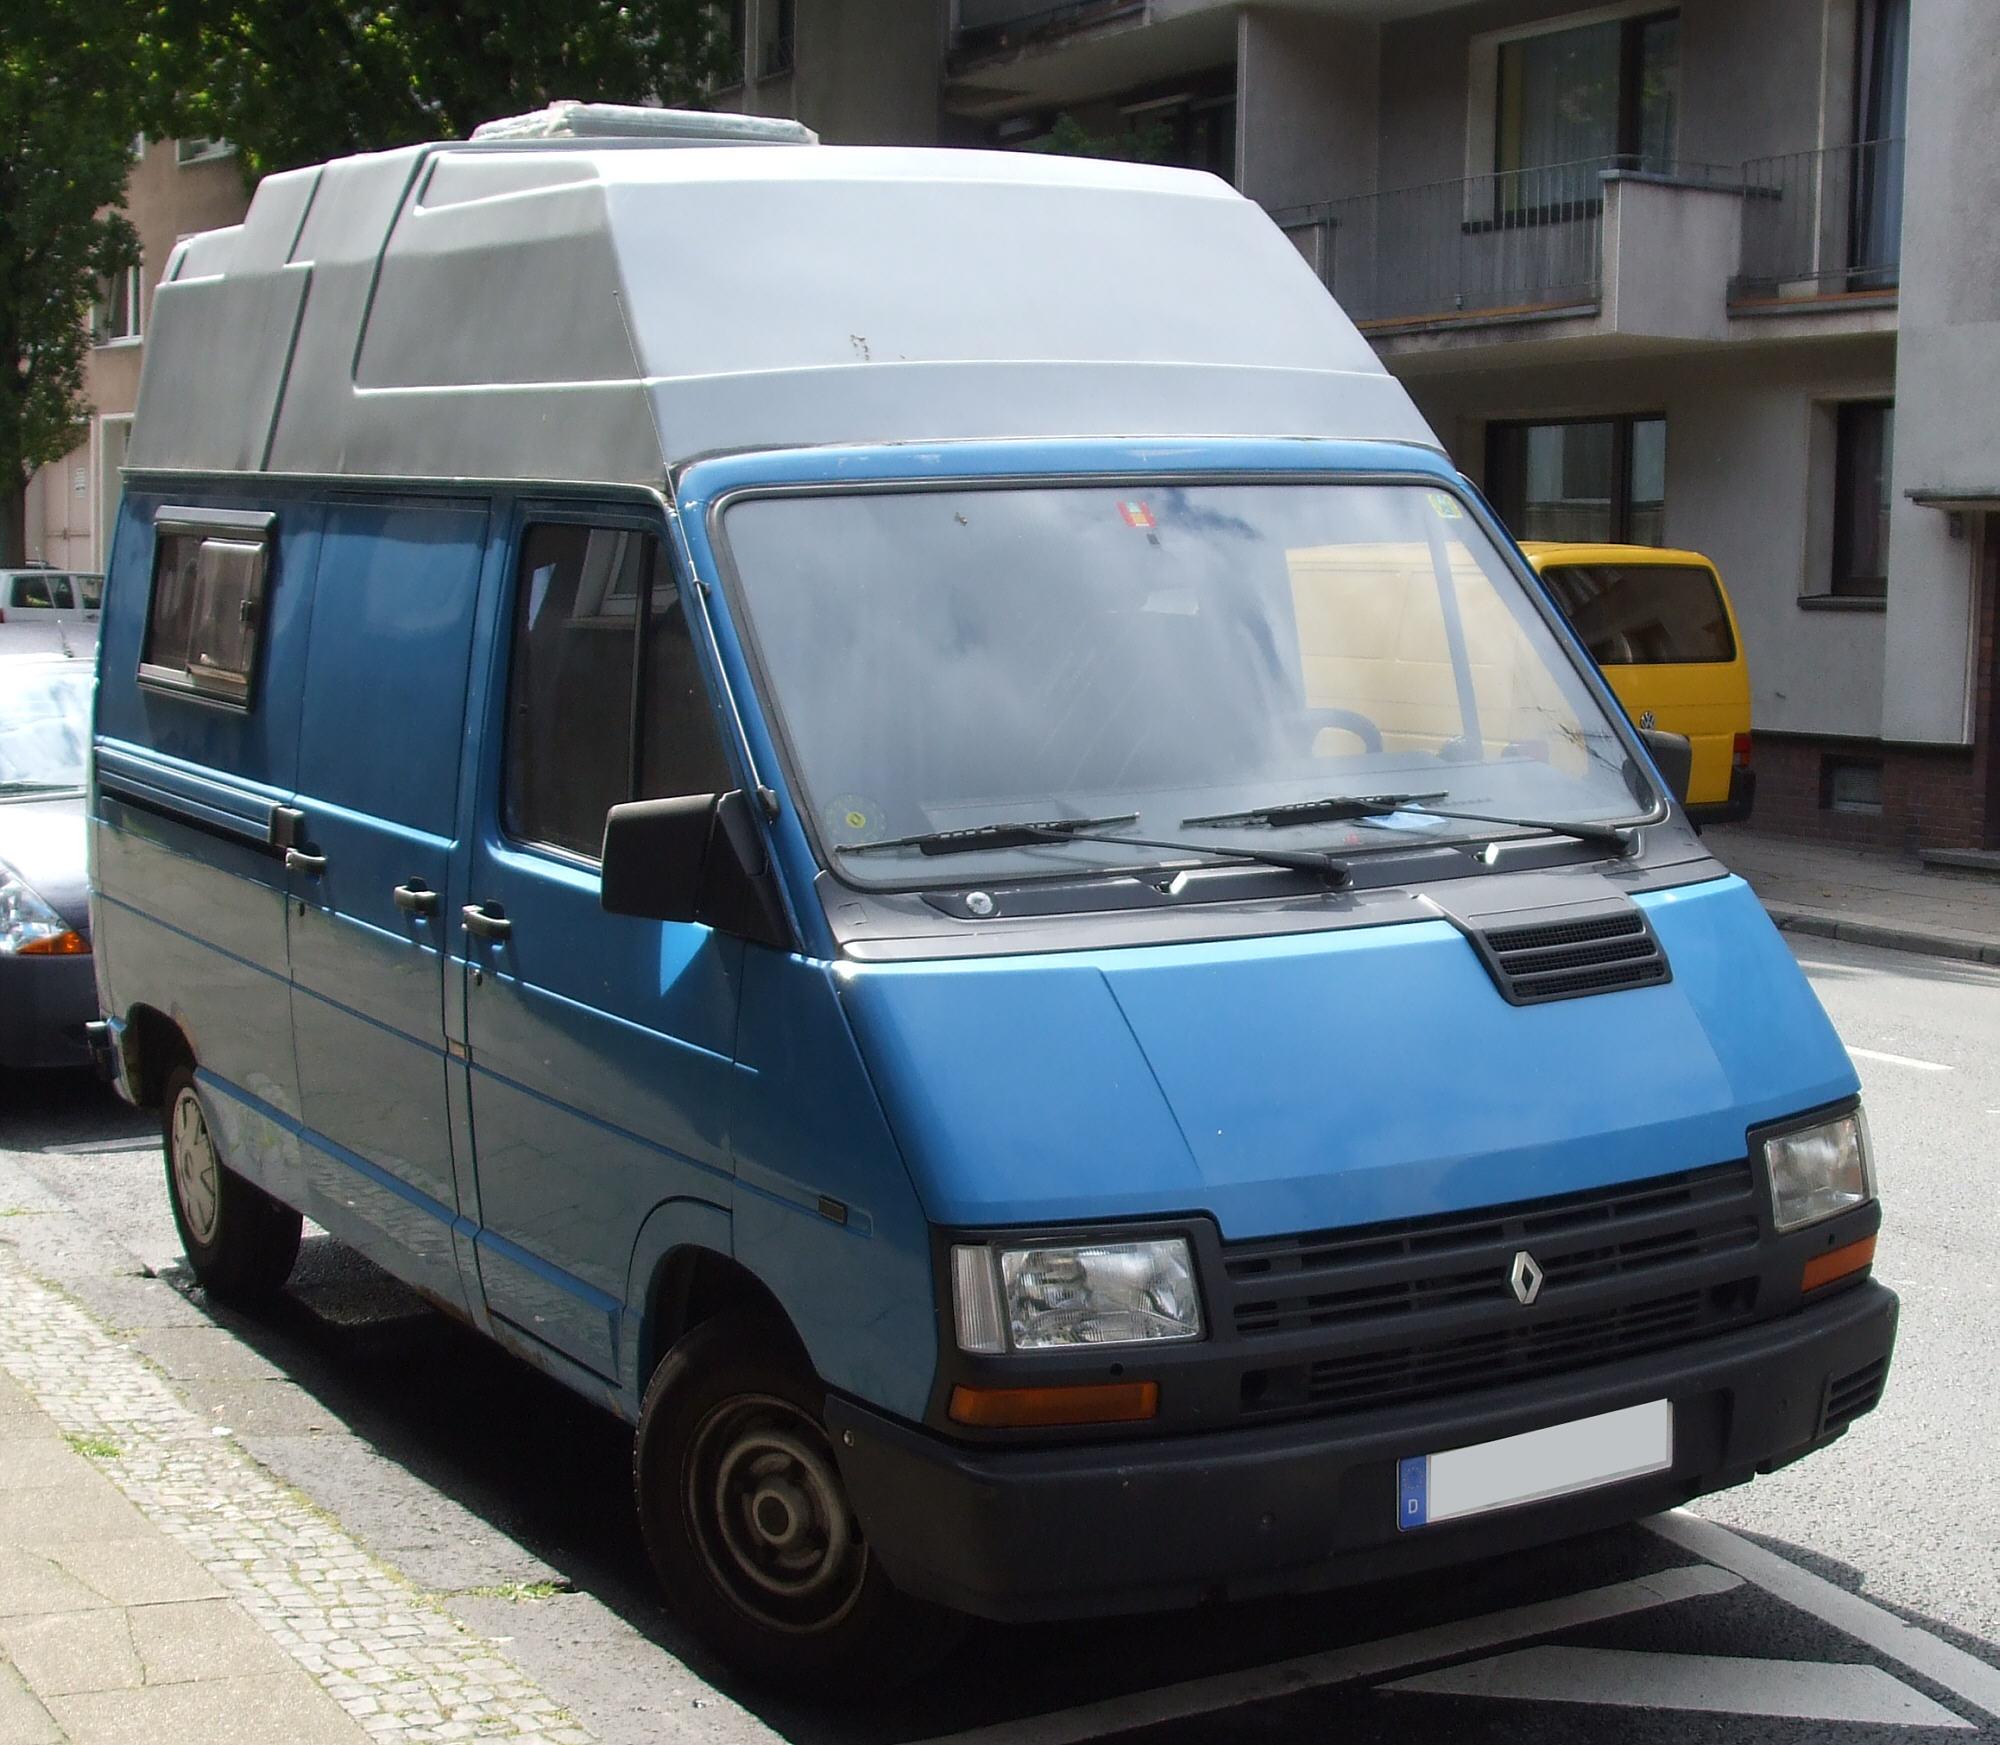 file renault trafic wohnmobil